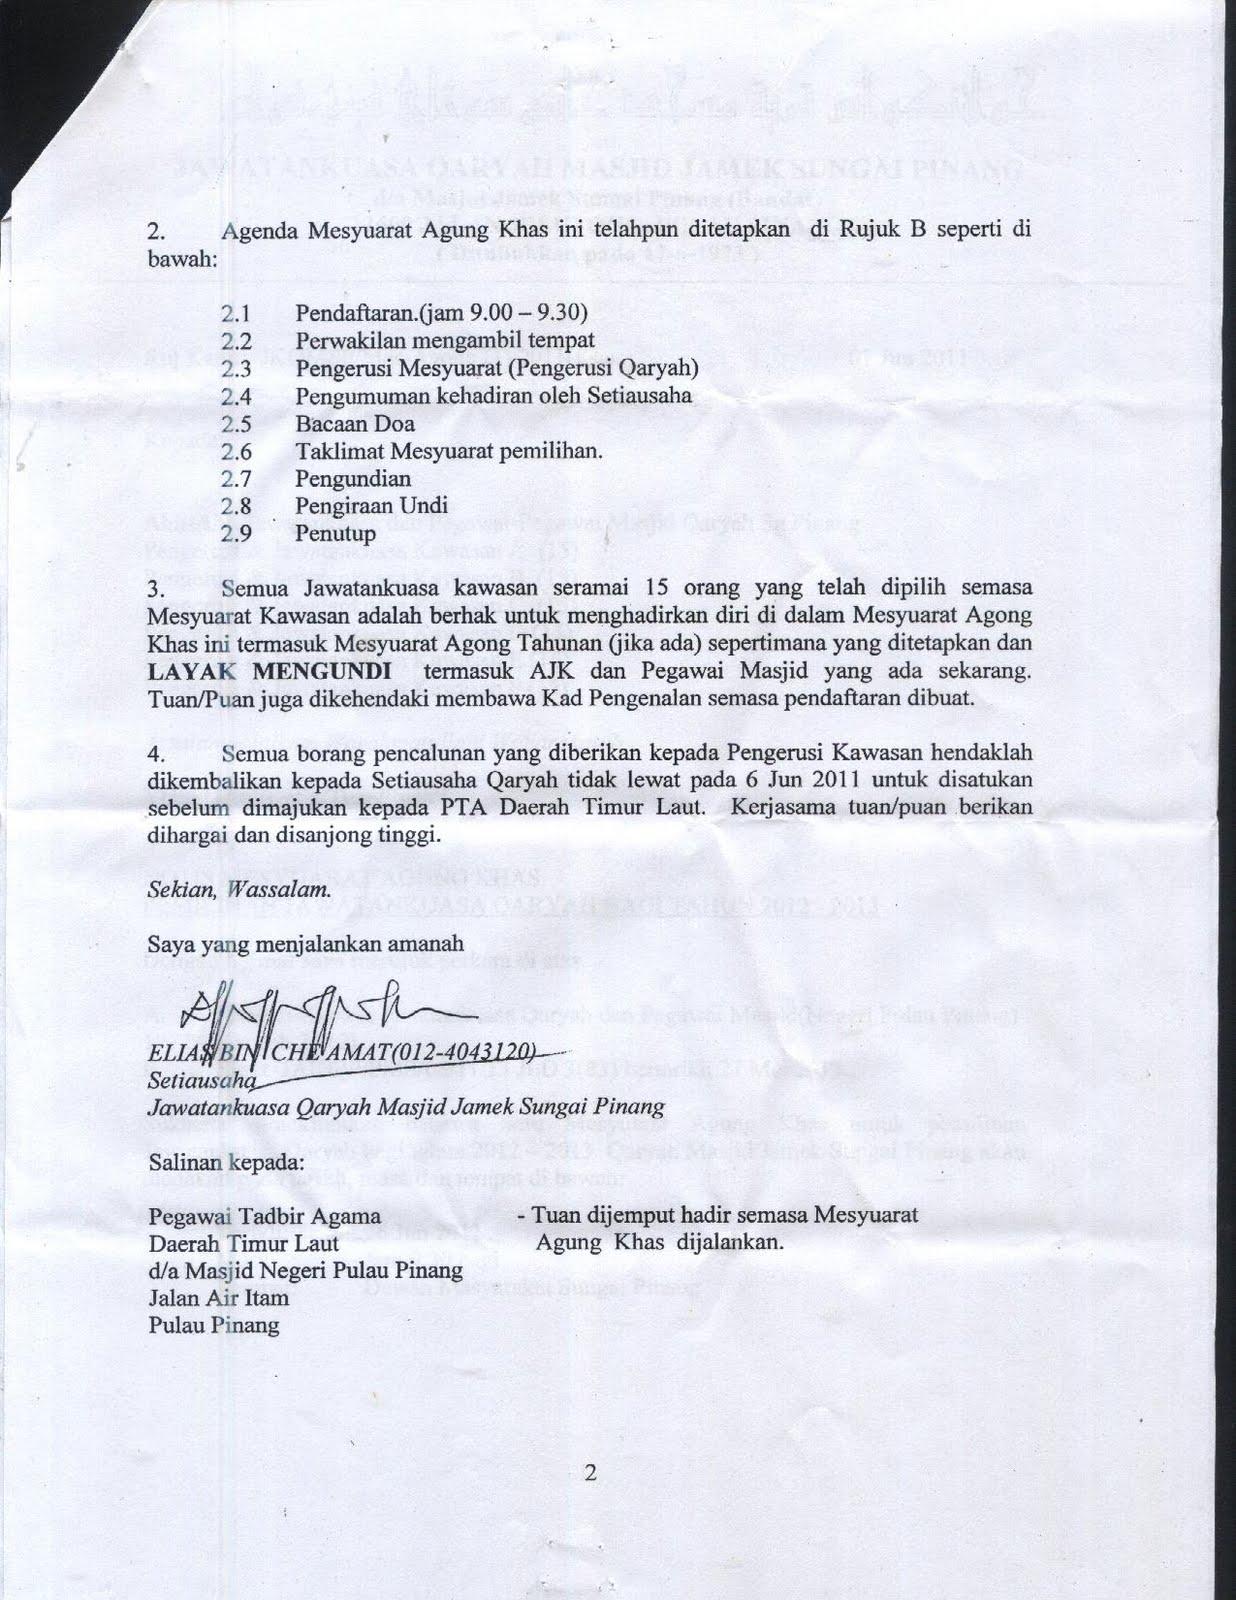 notis panggilan mesyuarat agung tahunan 2012 2013 minit mesyuarat ke